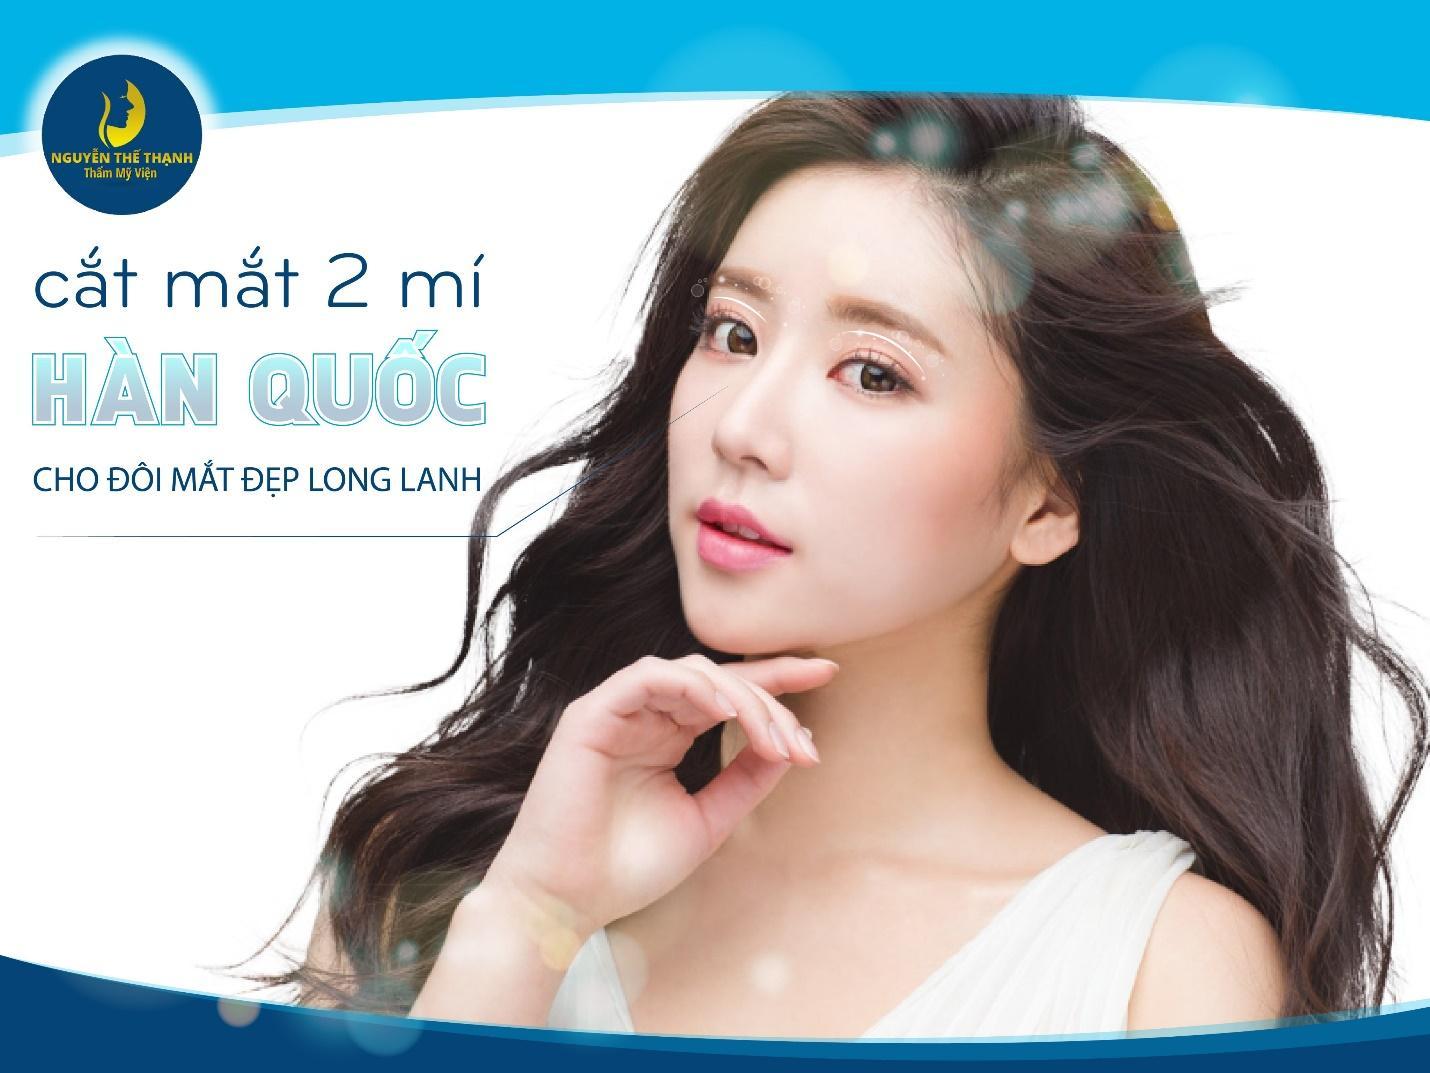 Cắt mắt 2 mí Hàn Quốc: Mắt đẹp long lanh - Ảnh 1